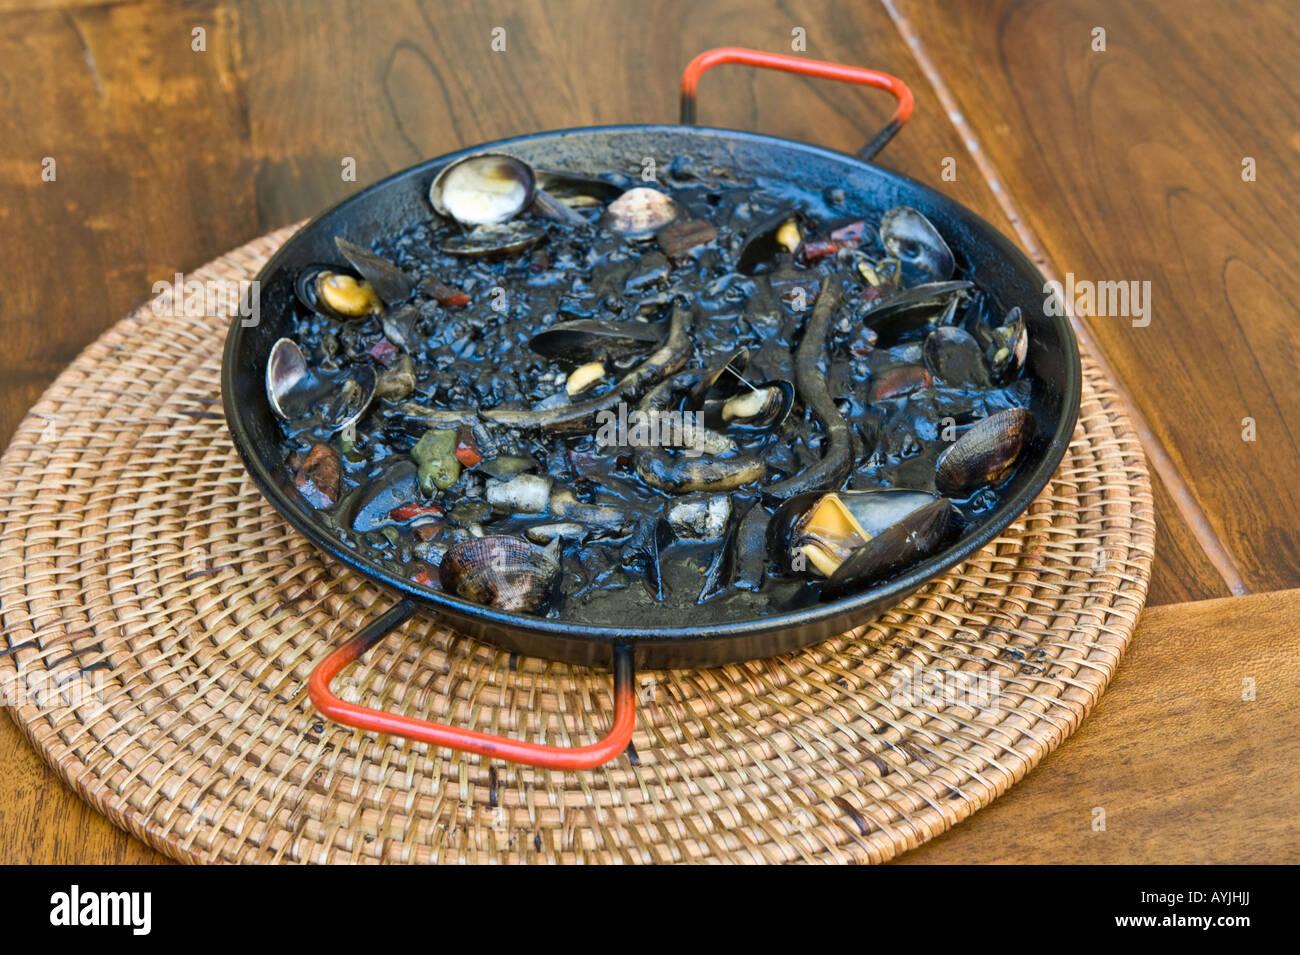 Arros Negre amb Sepietes Catalonian dish served on Pla de la Seu Tarragona Catalonia Spain - Stock Image